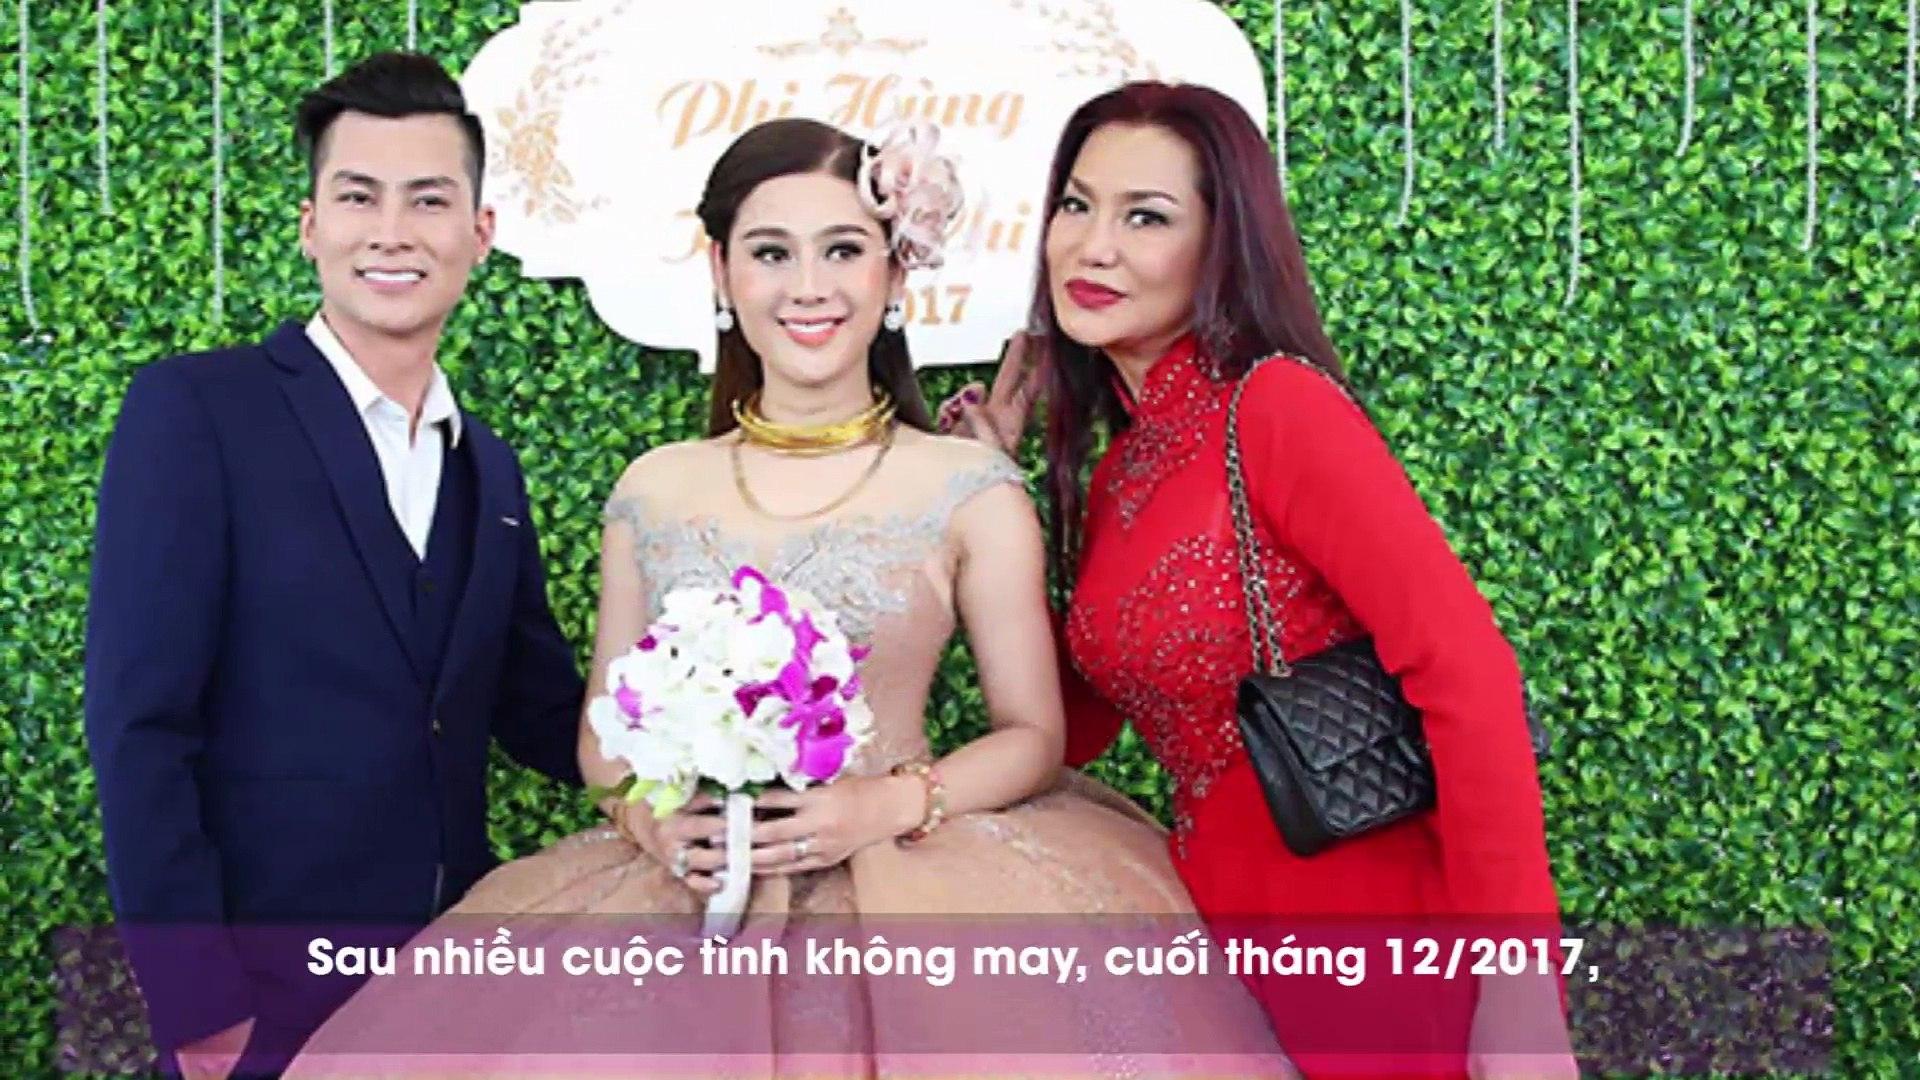 Đường tình mỹ nhân chuyển giới Việt: người 4 đời chồng vẫn truân chuyên, người hạnh phúc bên chồng t